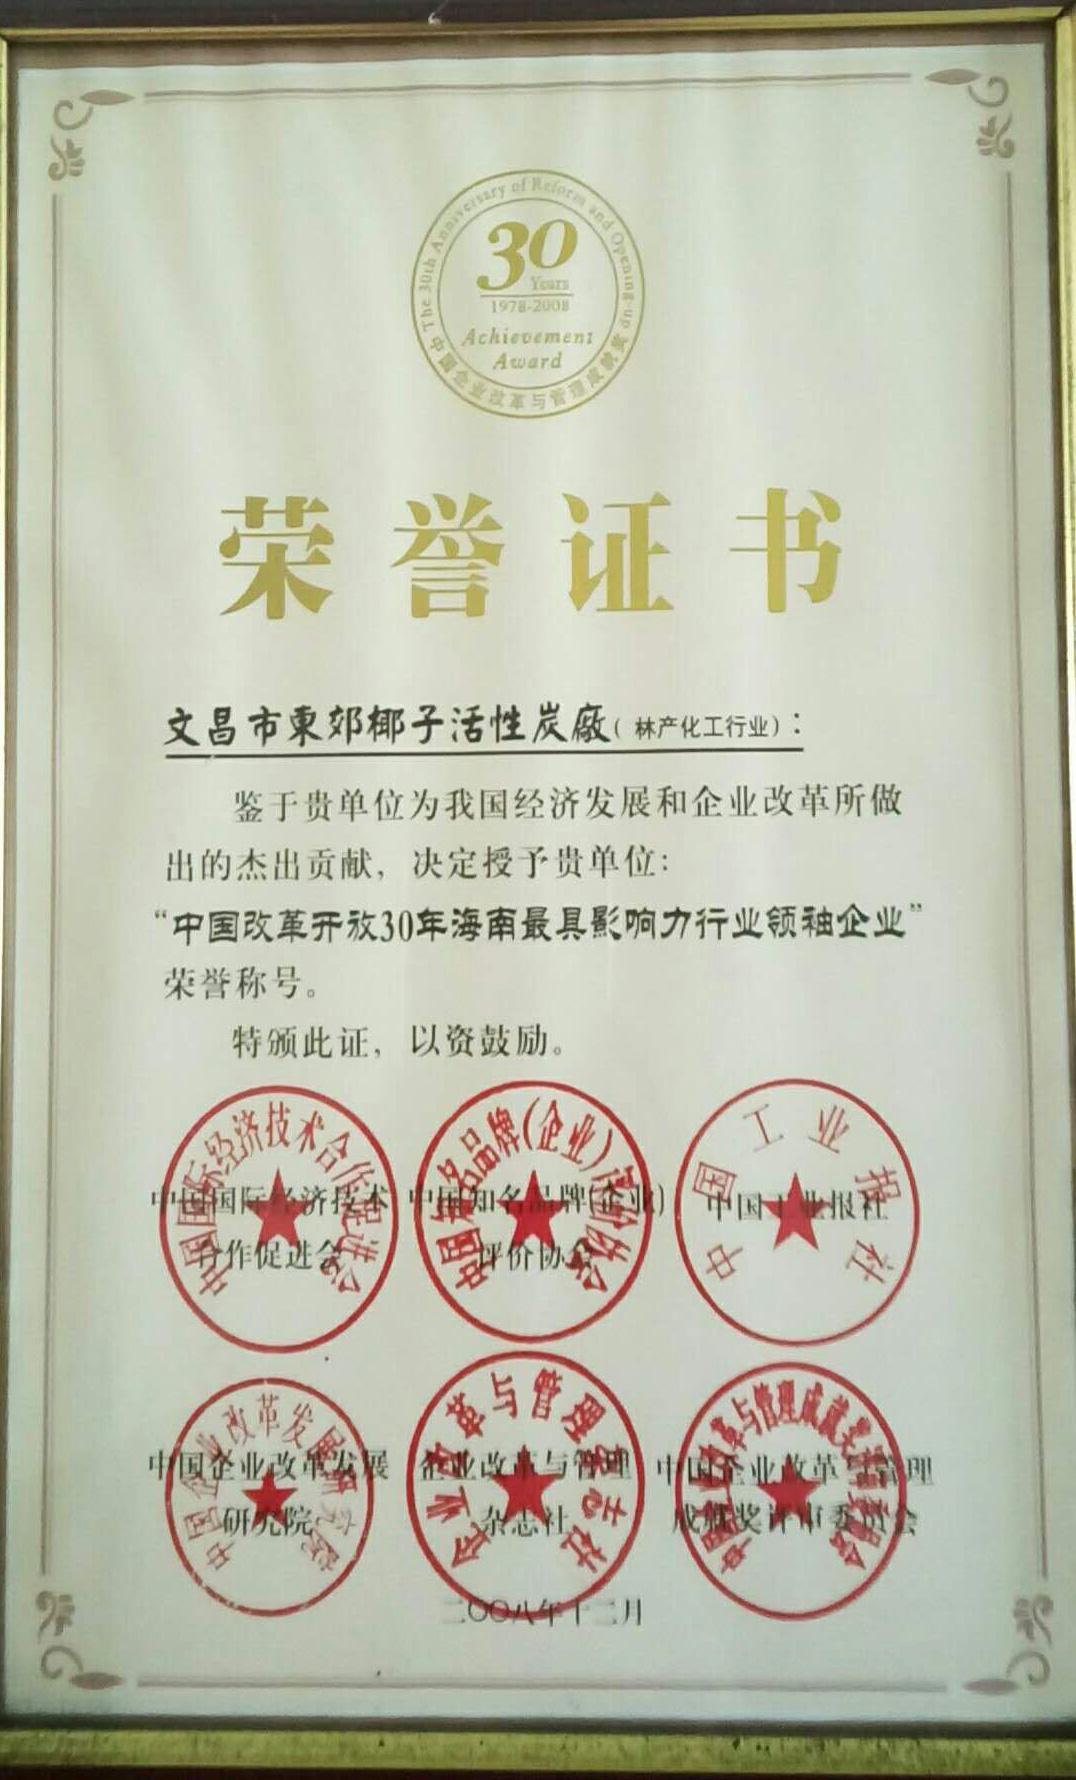 改革开放30年影响力企业_01.jpg